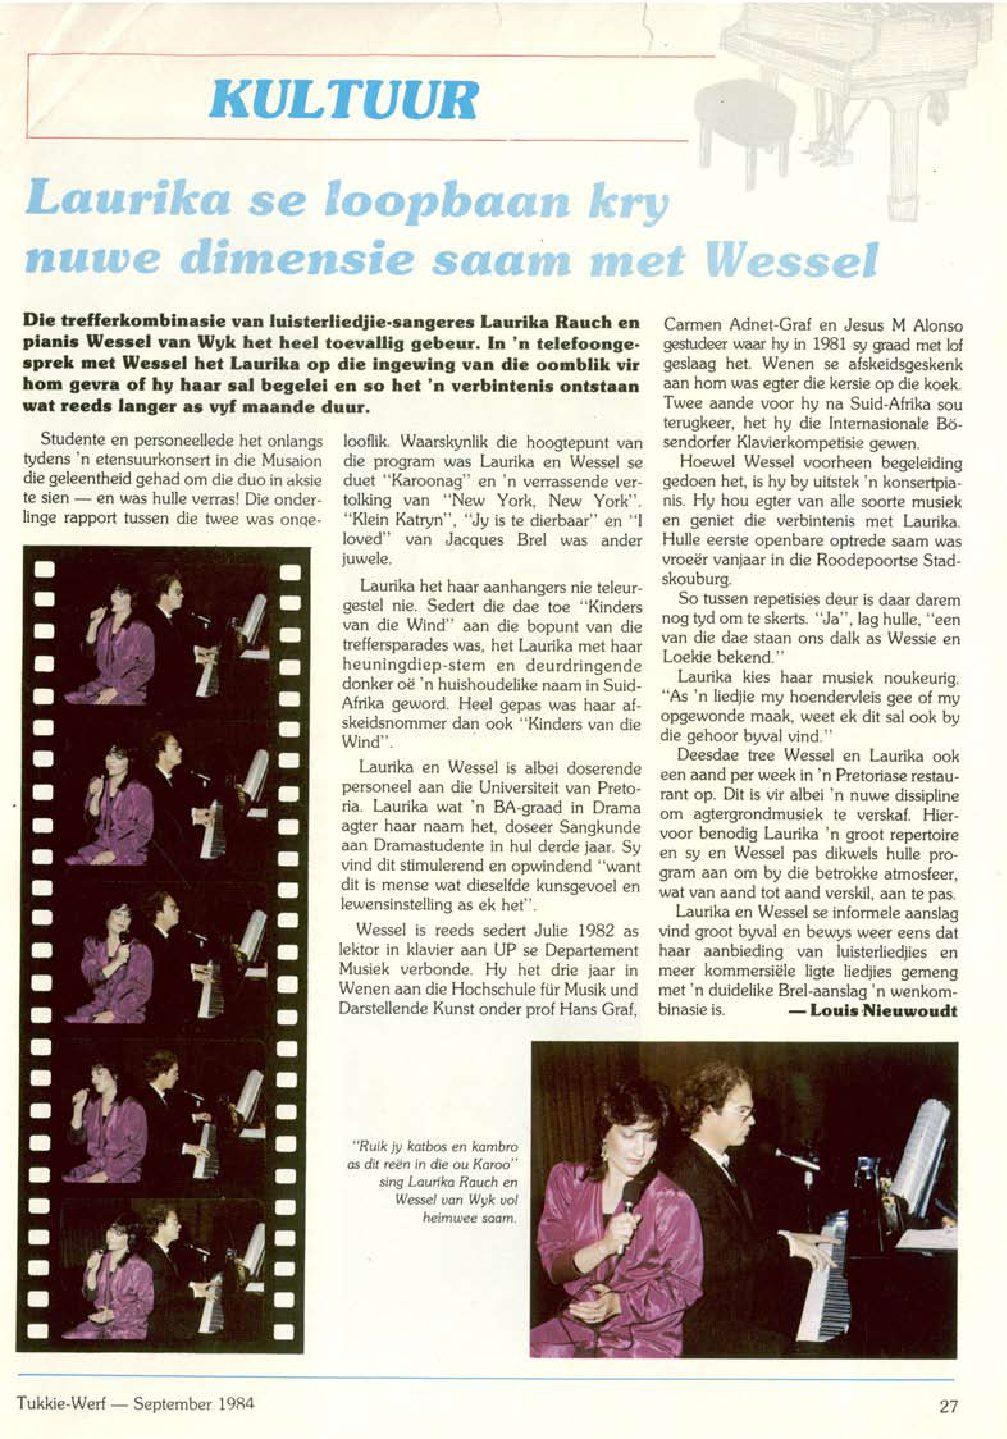 1983-tukkie-werf-laurika-se-loopbaan-kry-nuwe-dimensie